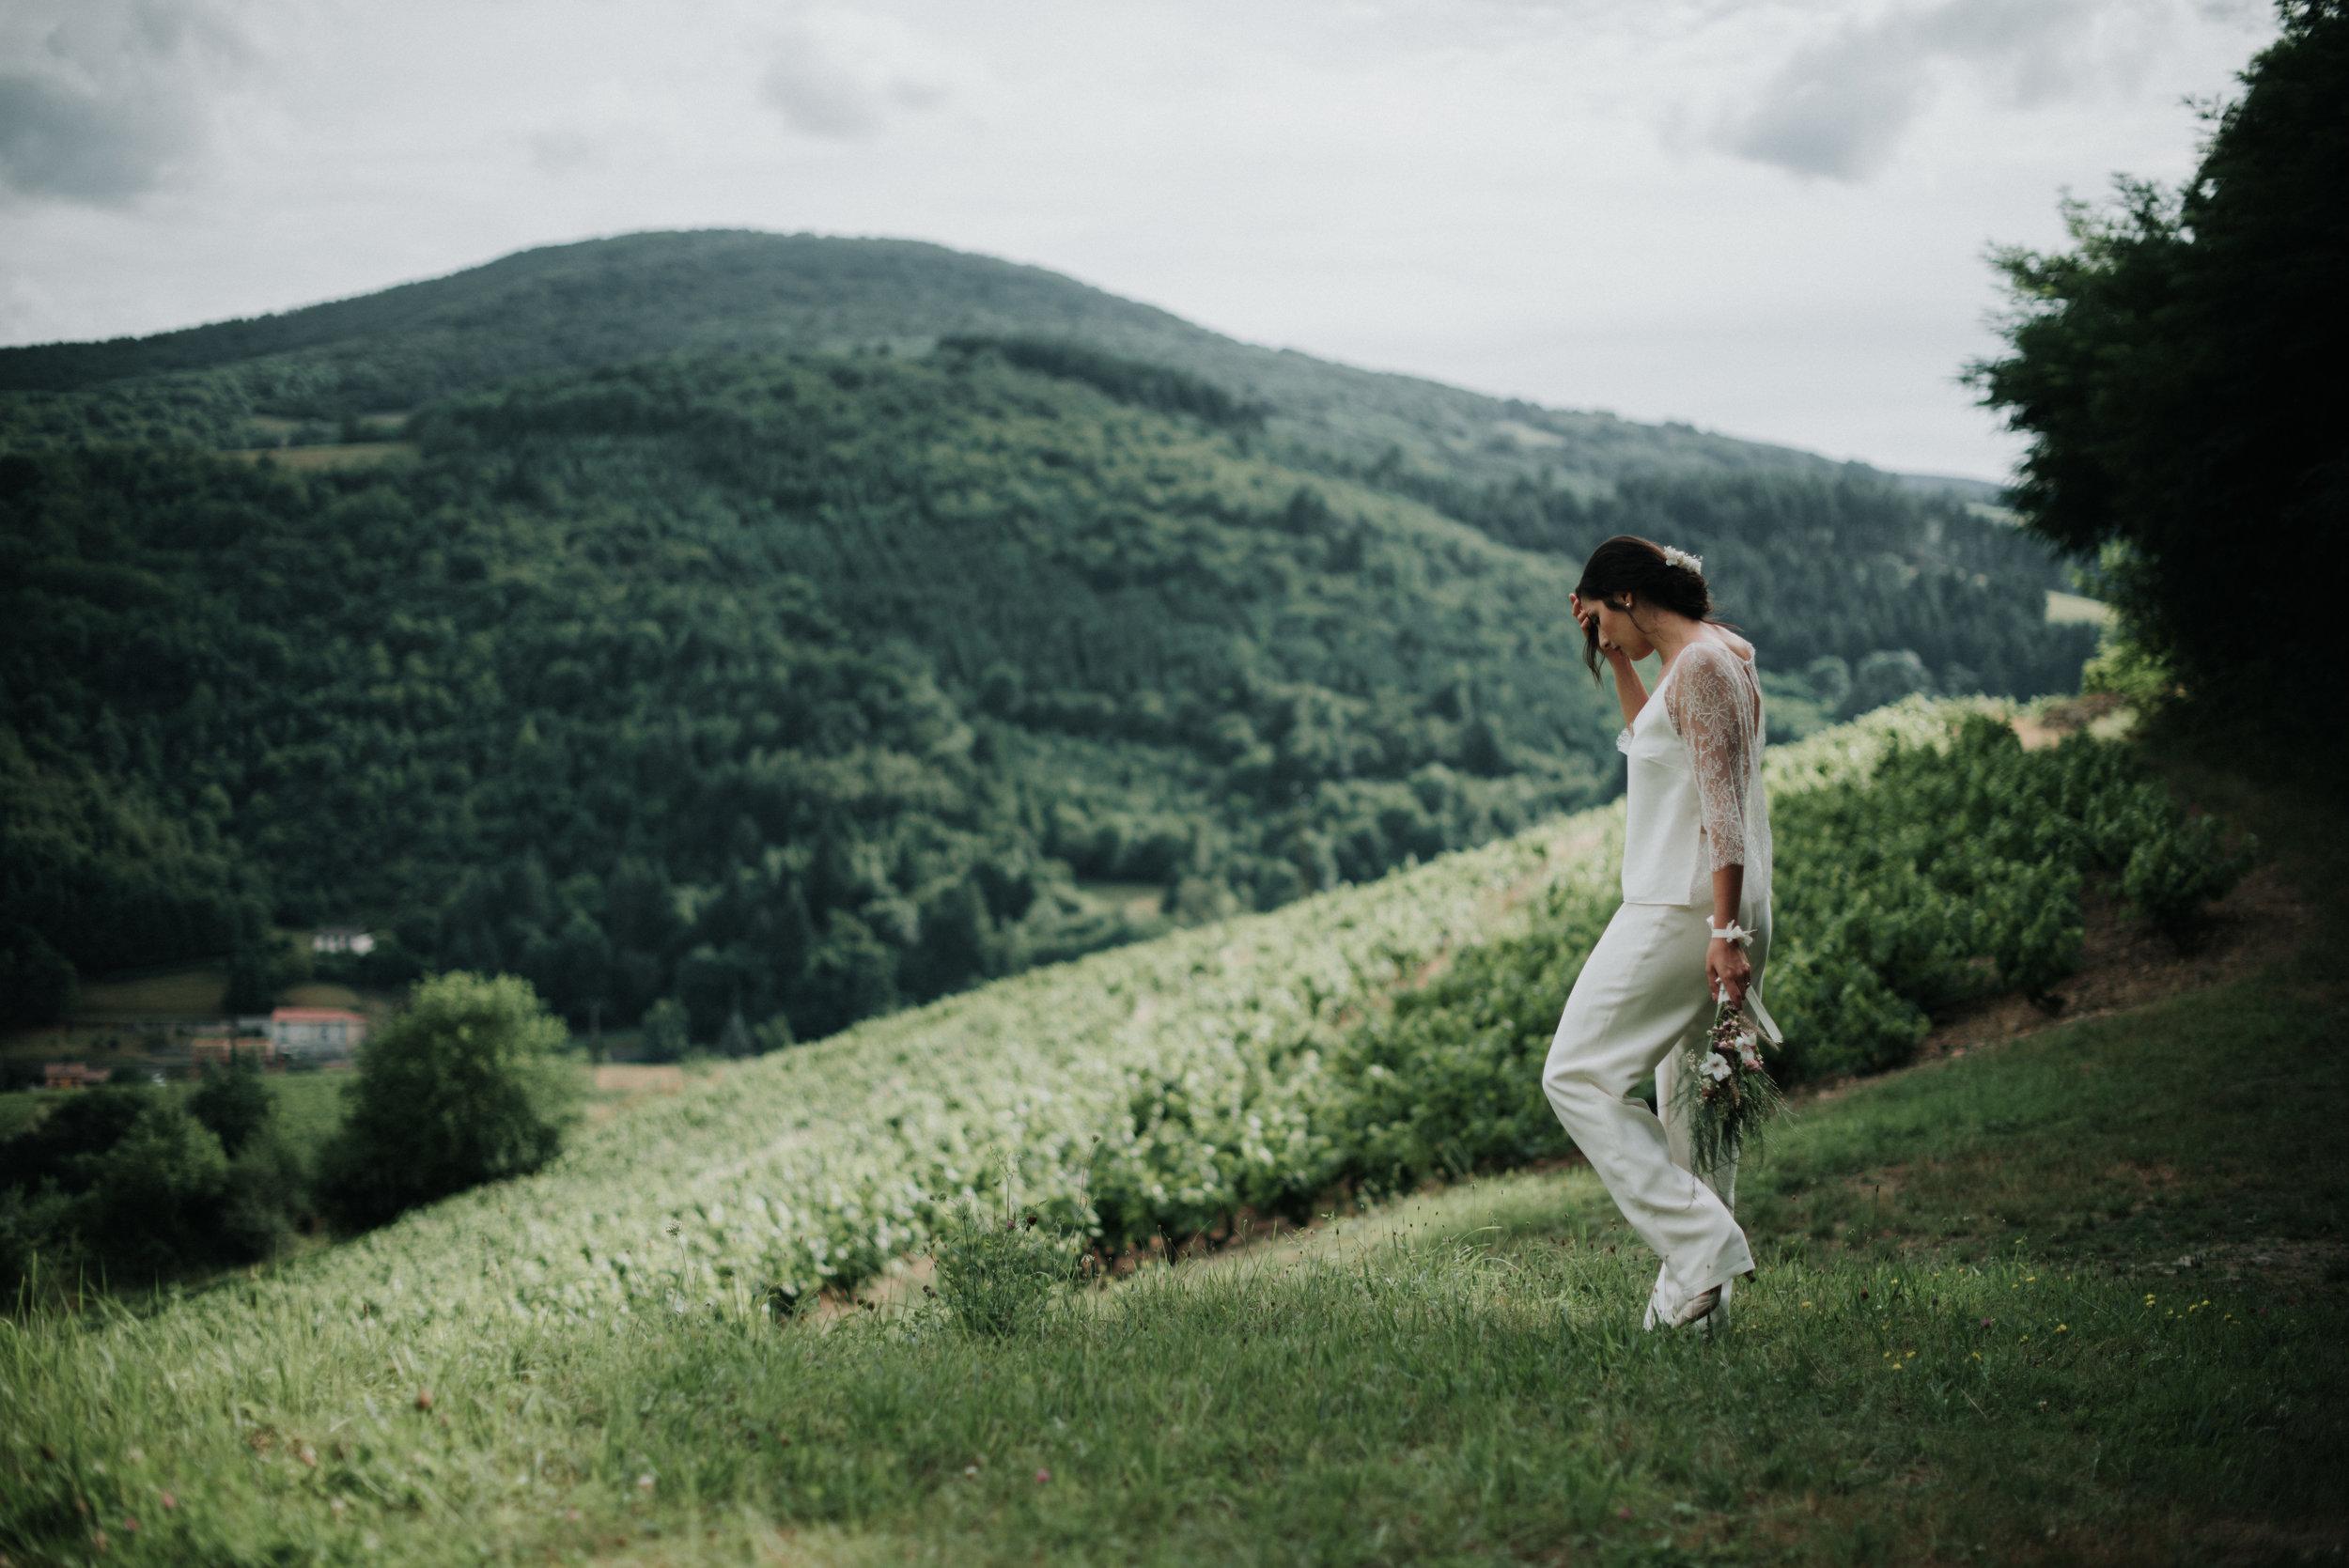 Léa-Fery-photographe-professionnel-lyon-rhone-alpes-portrait-creation-mariage-evenement-evenementiel-famille-8946.jpg